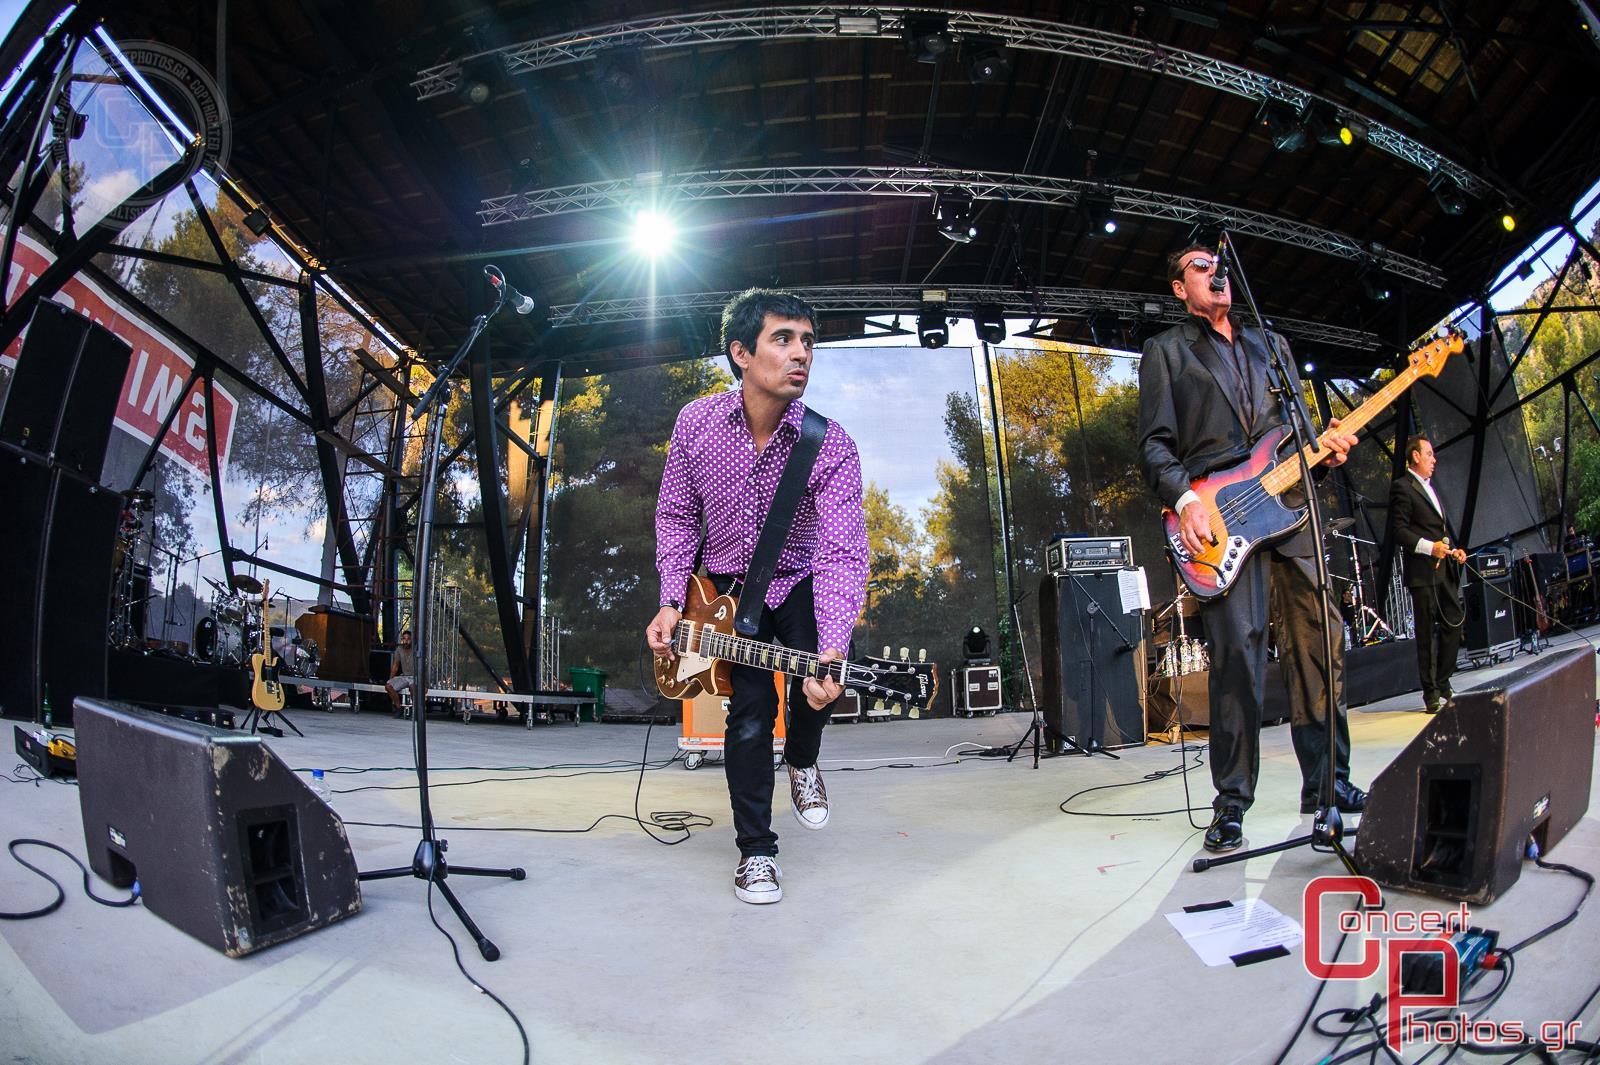 Rockwave 2014-Rockwave 2014 - Day 1 photographer:  - Rockwave-2014-64